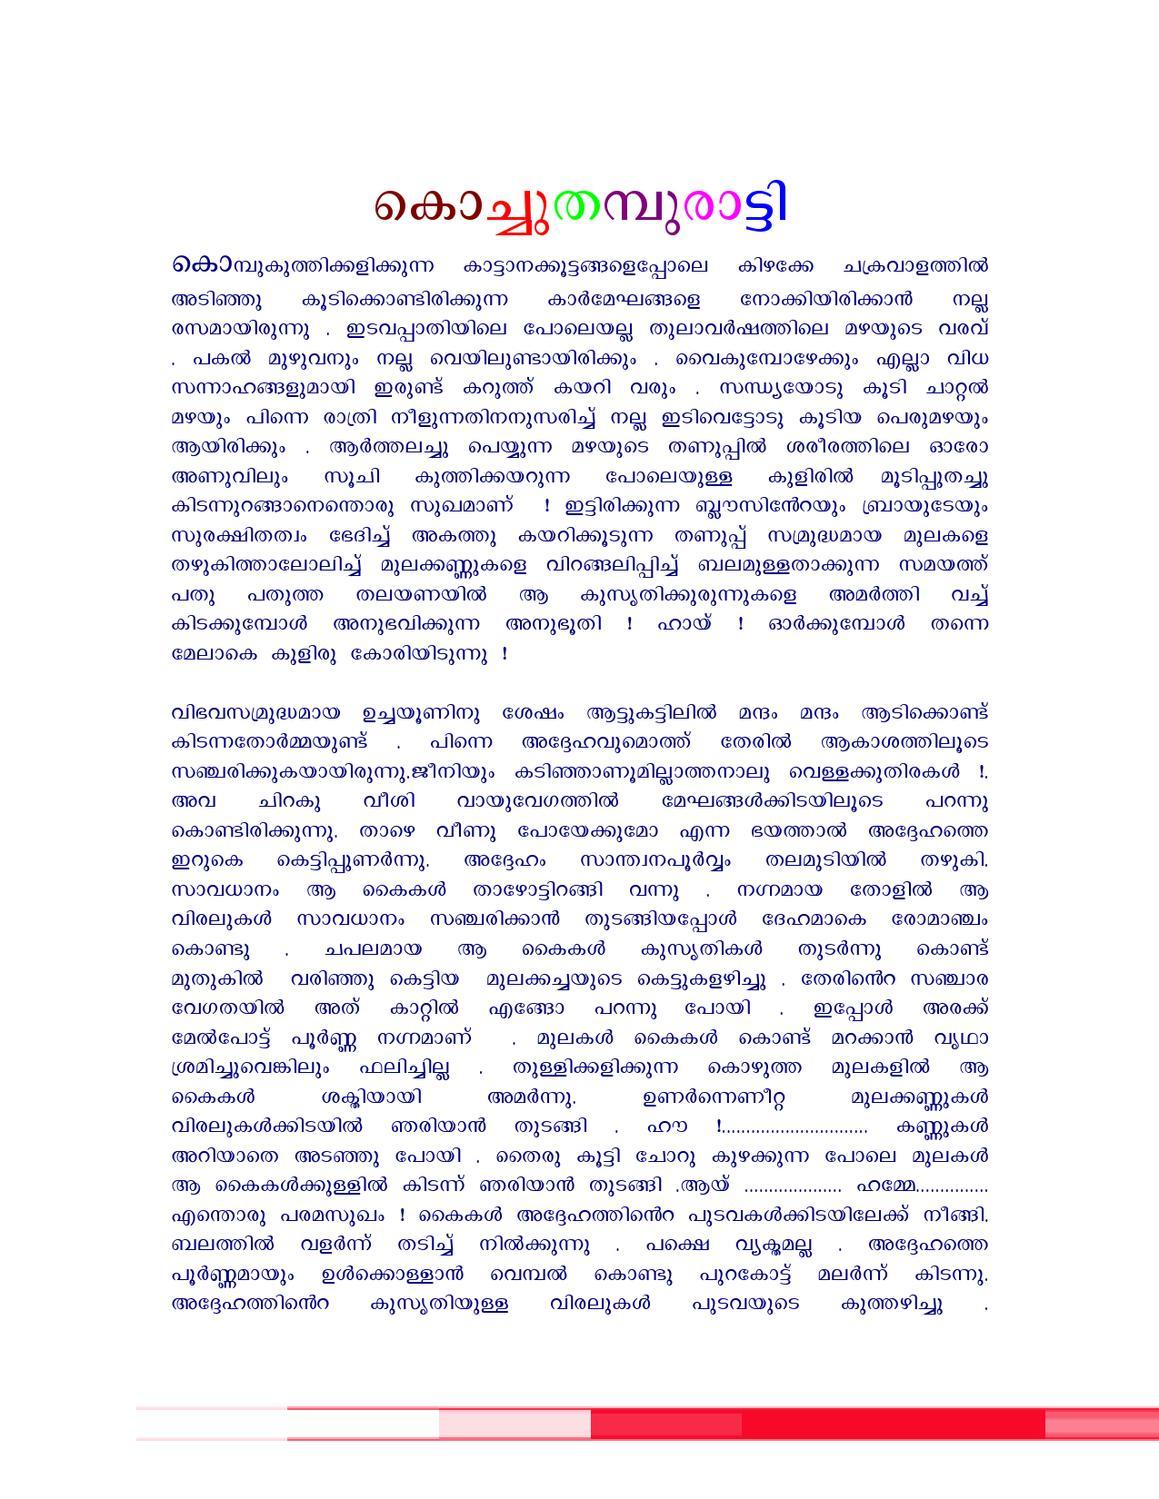 Pamman malayalam novels in pdf